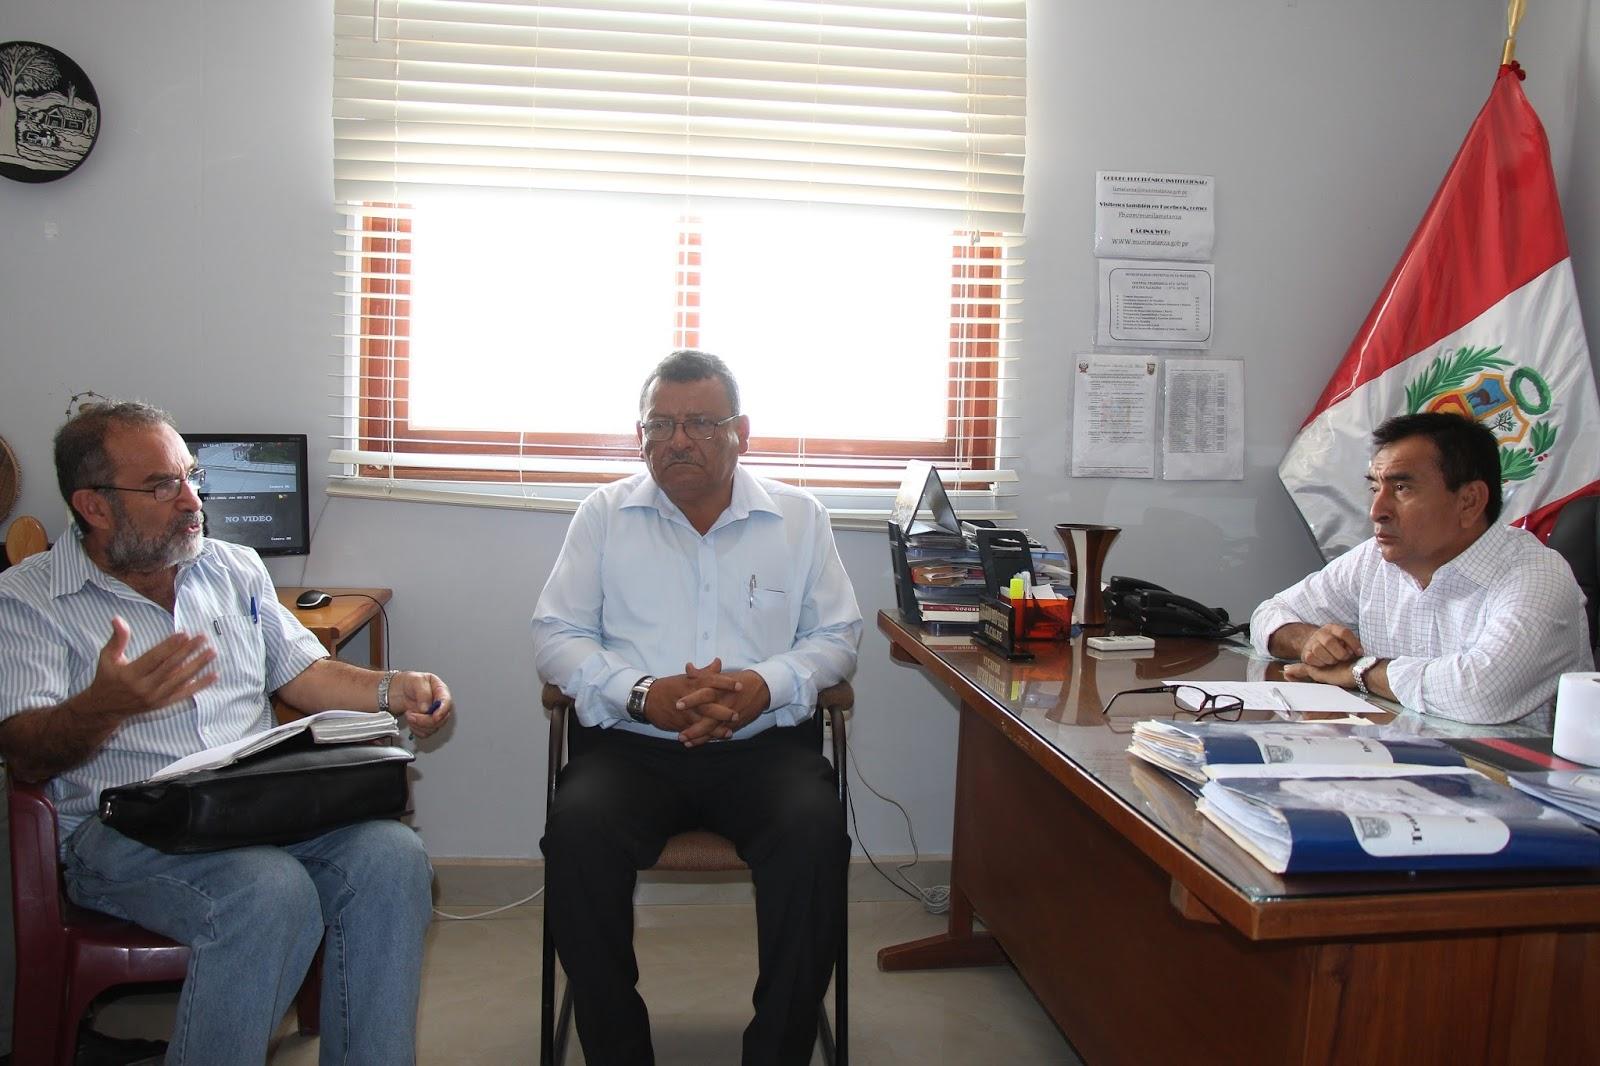 Ministerio de salud visita la oficina de sala situacional for Municipalidad la matanza